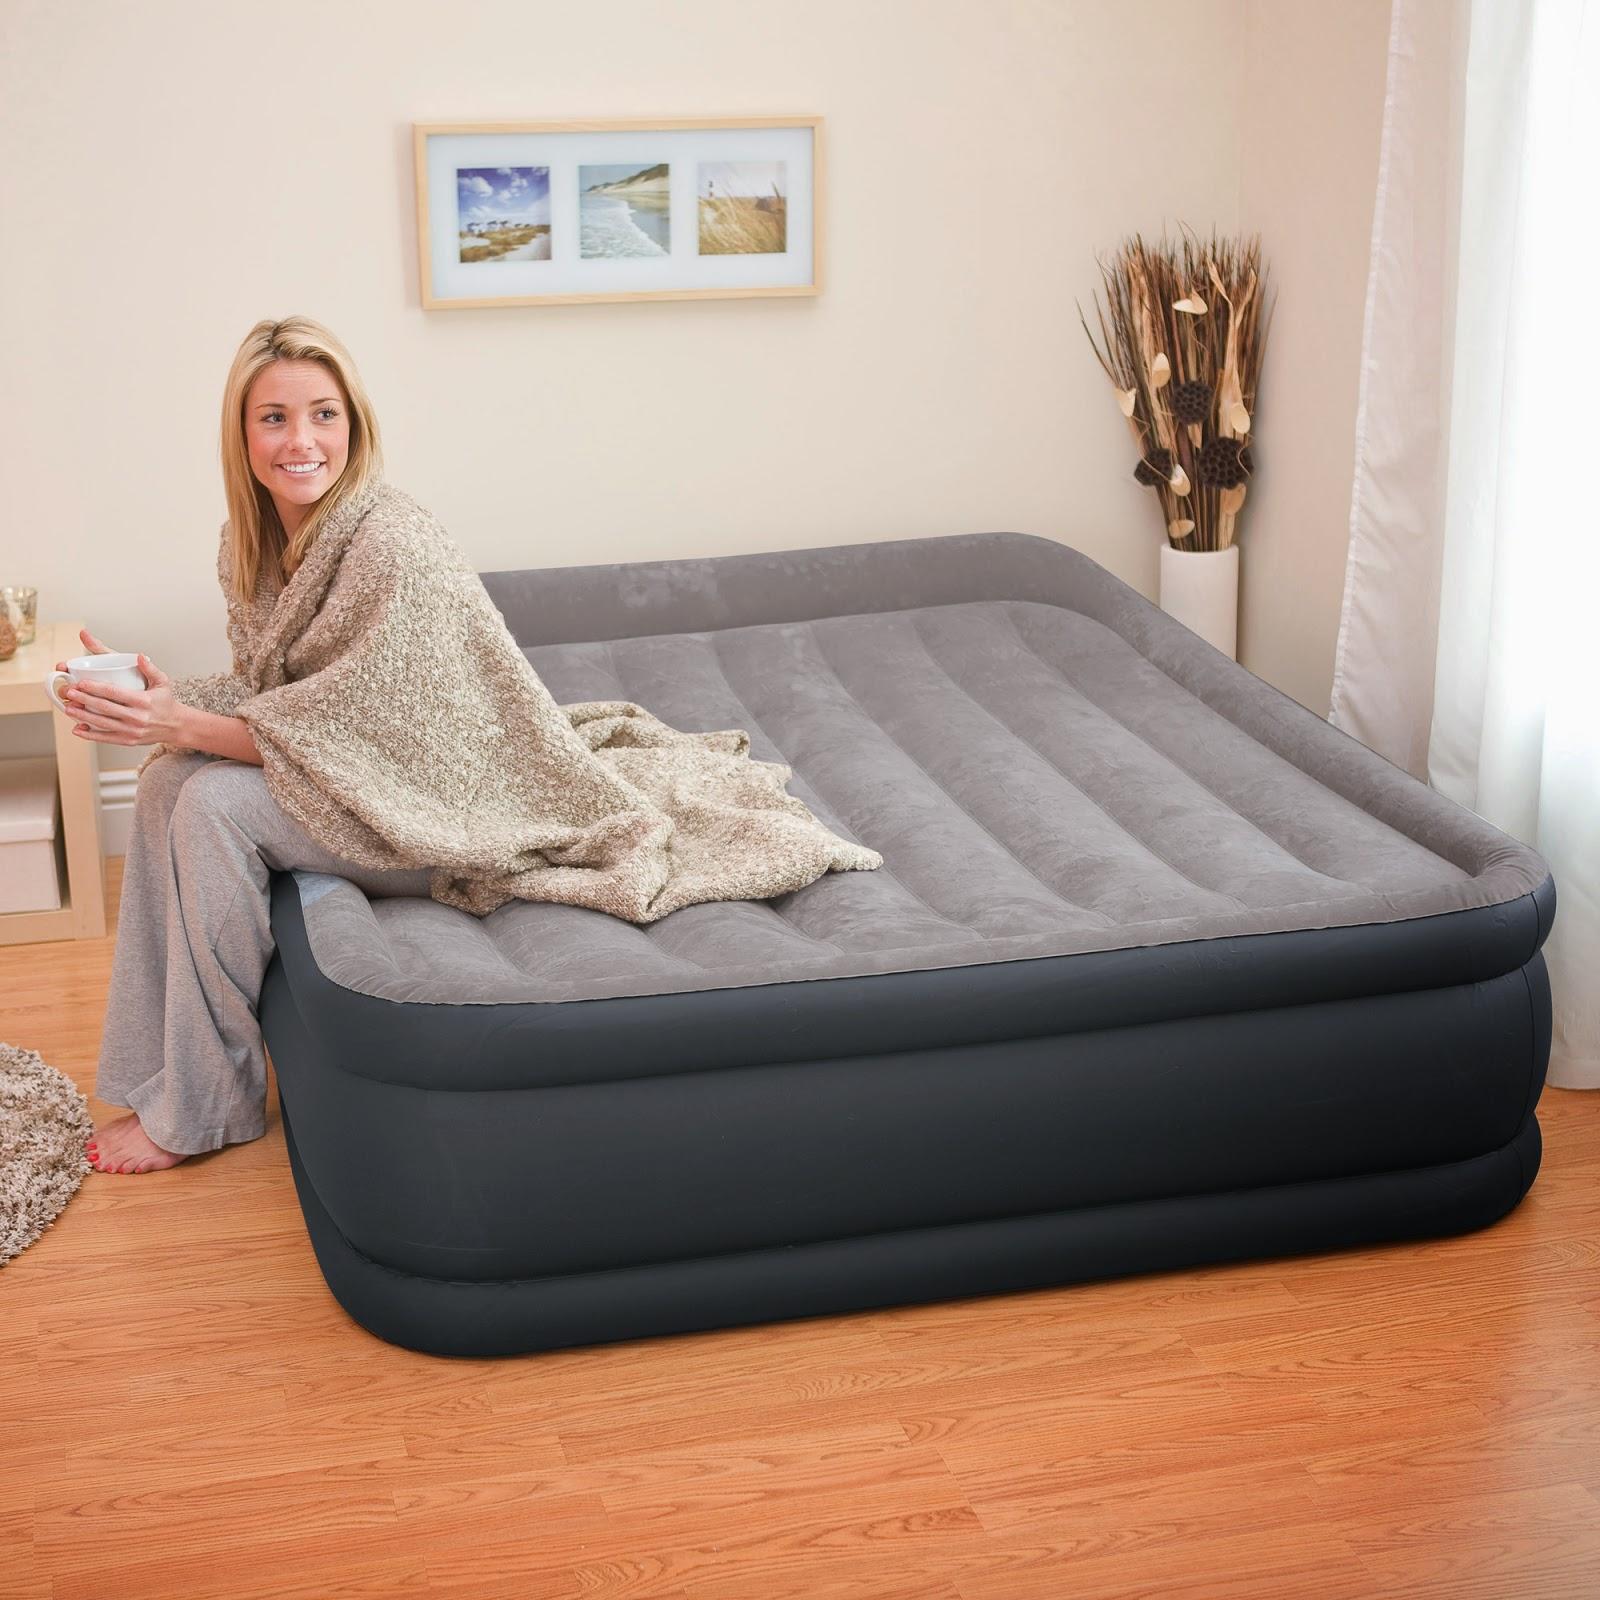 le blog de la literie et du sommeil le matelas gonflable ennemi de mes lombaires. Black Bedroom Furniture Sets. Home Design Ideas